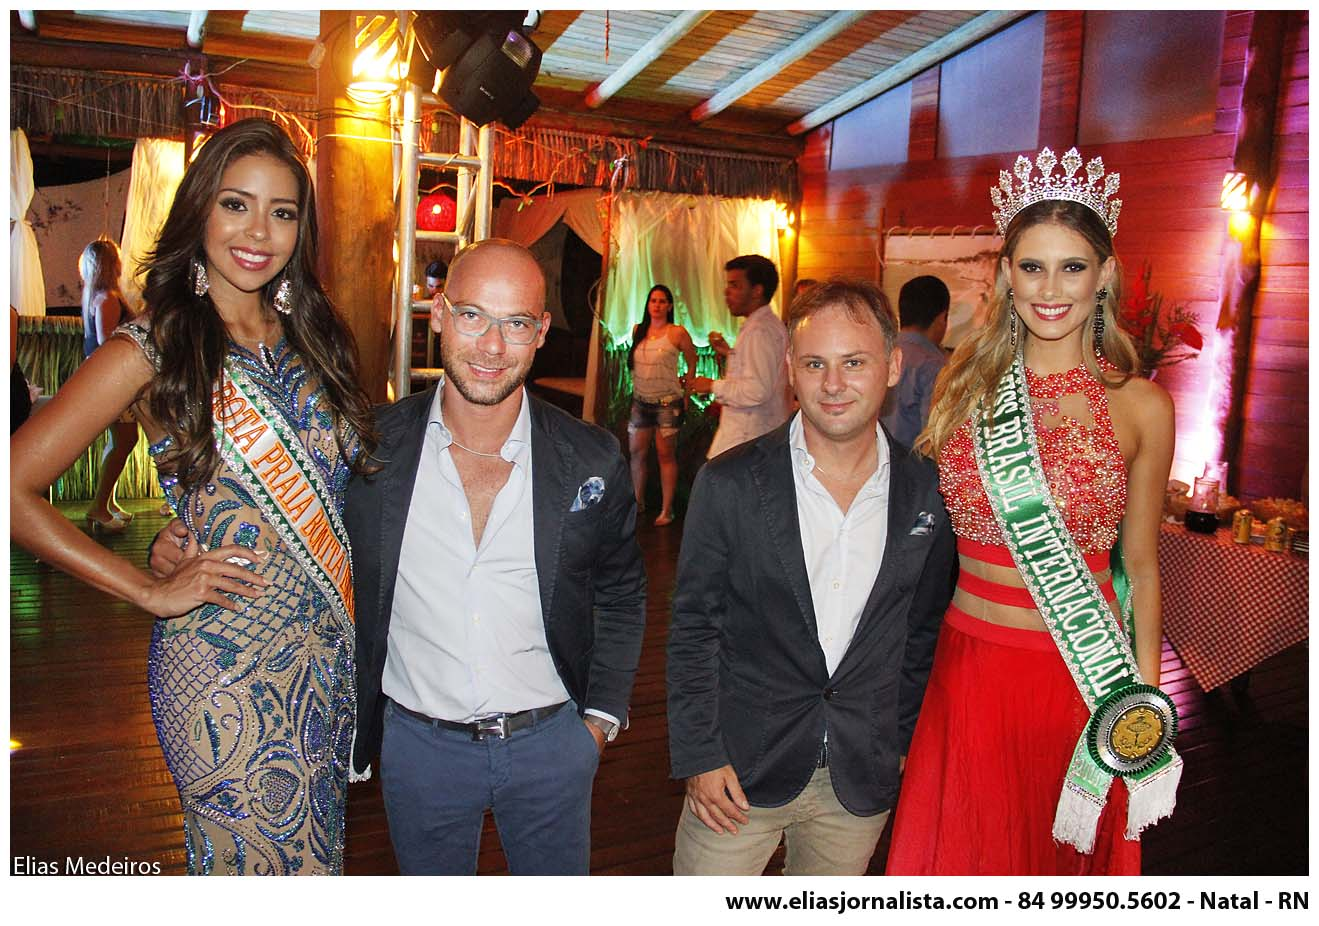 brasil top 10 de miss internacional 2015. MG_0157